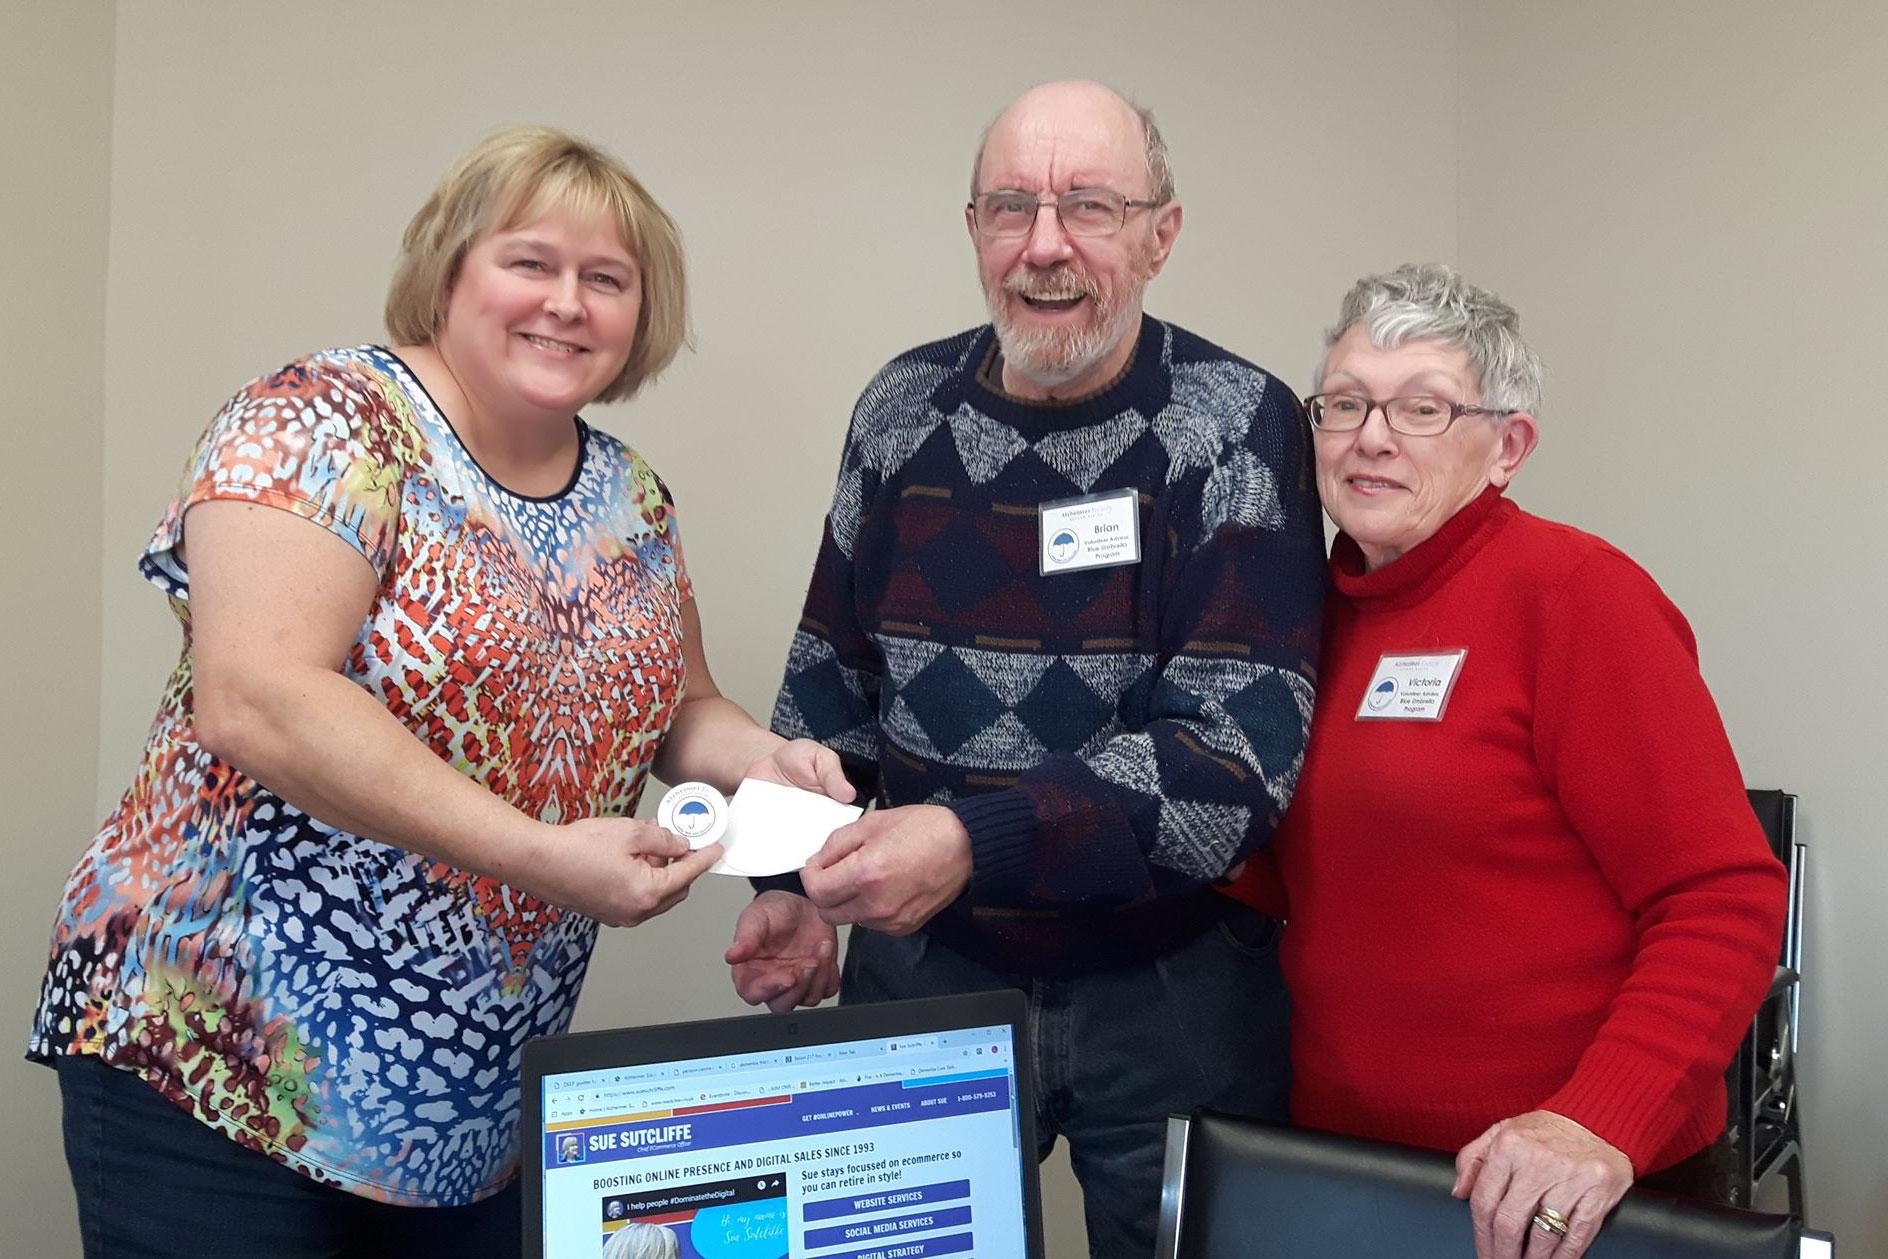 Sue Sutcliffe at Alzheimer's Society of Durham Region getting Blue Umbrella Certified